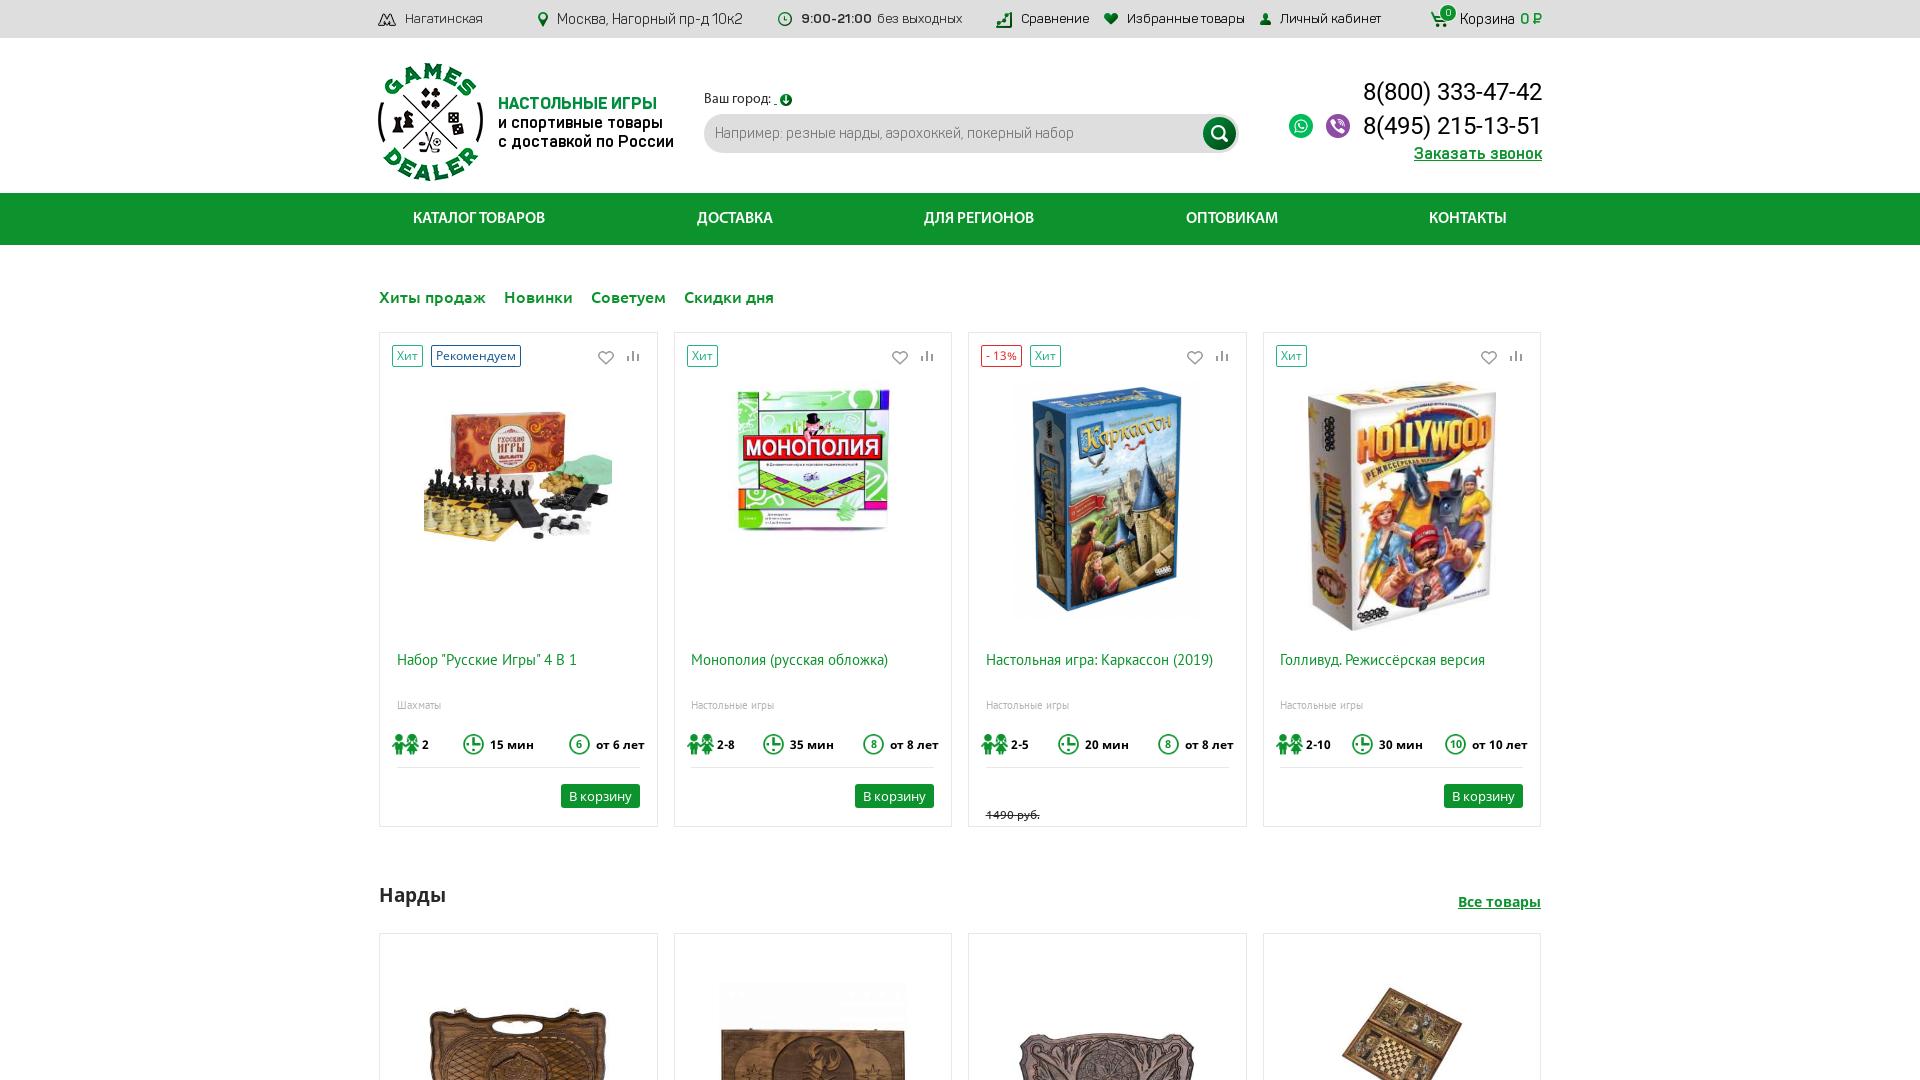 GamesDealer website